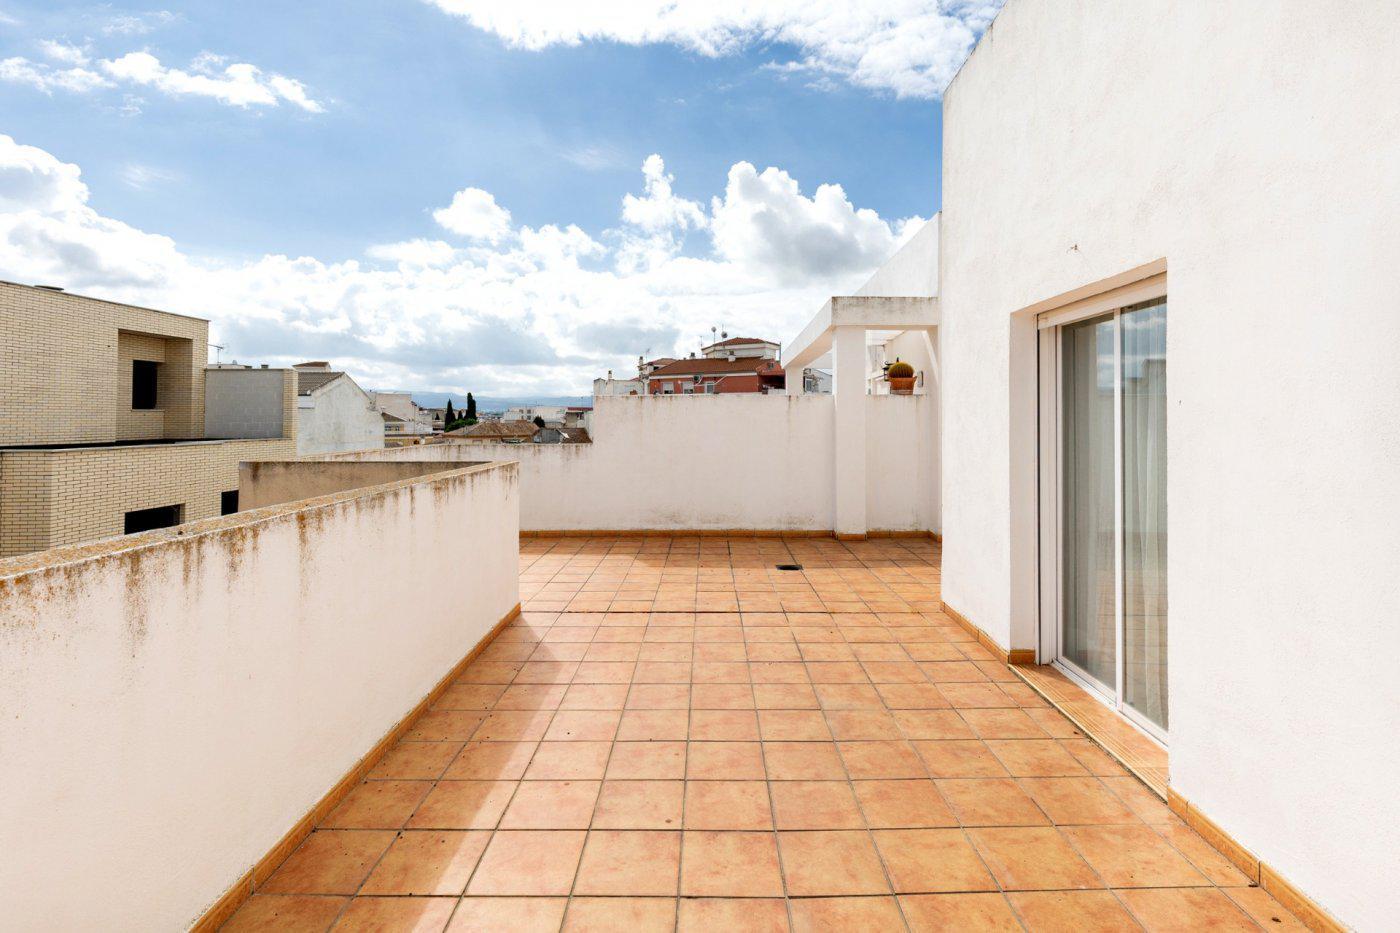 Imagen 3 Ático en venta en Atarfe / Zona céntrica de Atarfe, junto Avda. Andalucía